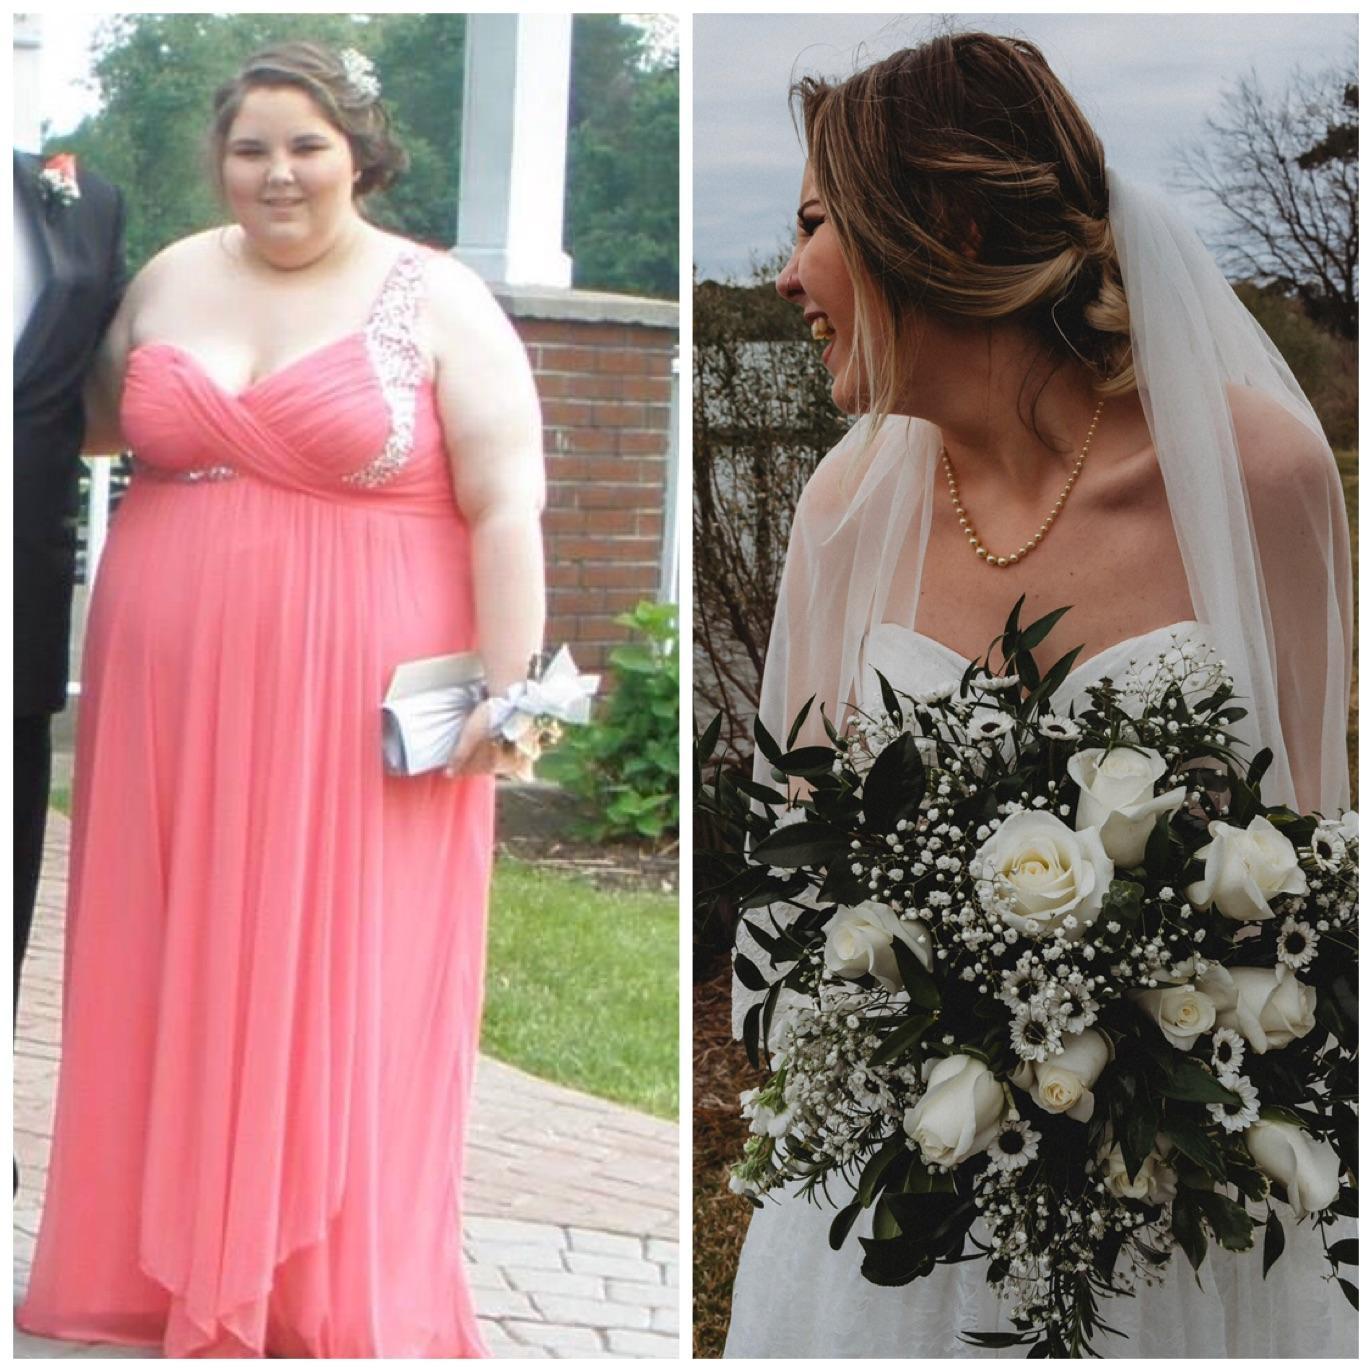 5 feet 6 Female Progress Pics of 210 lbs Fat Loss 350 lbs to 140 lbs